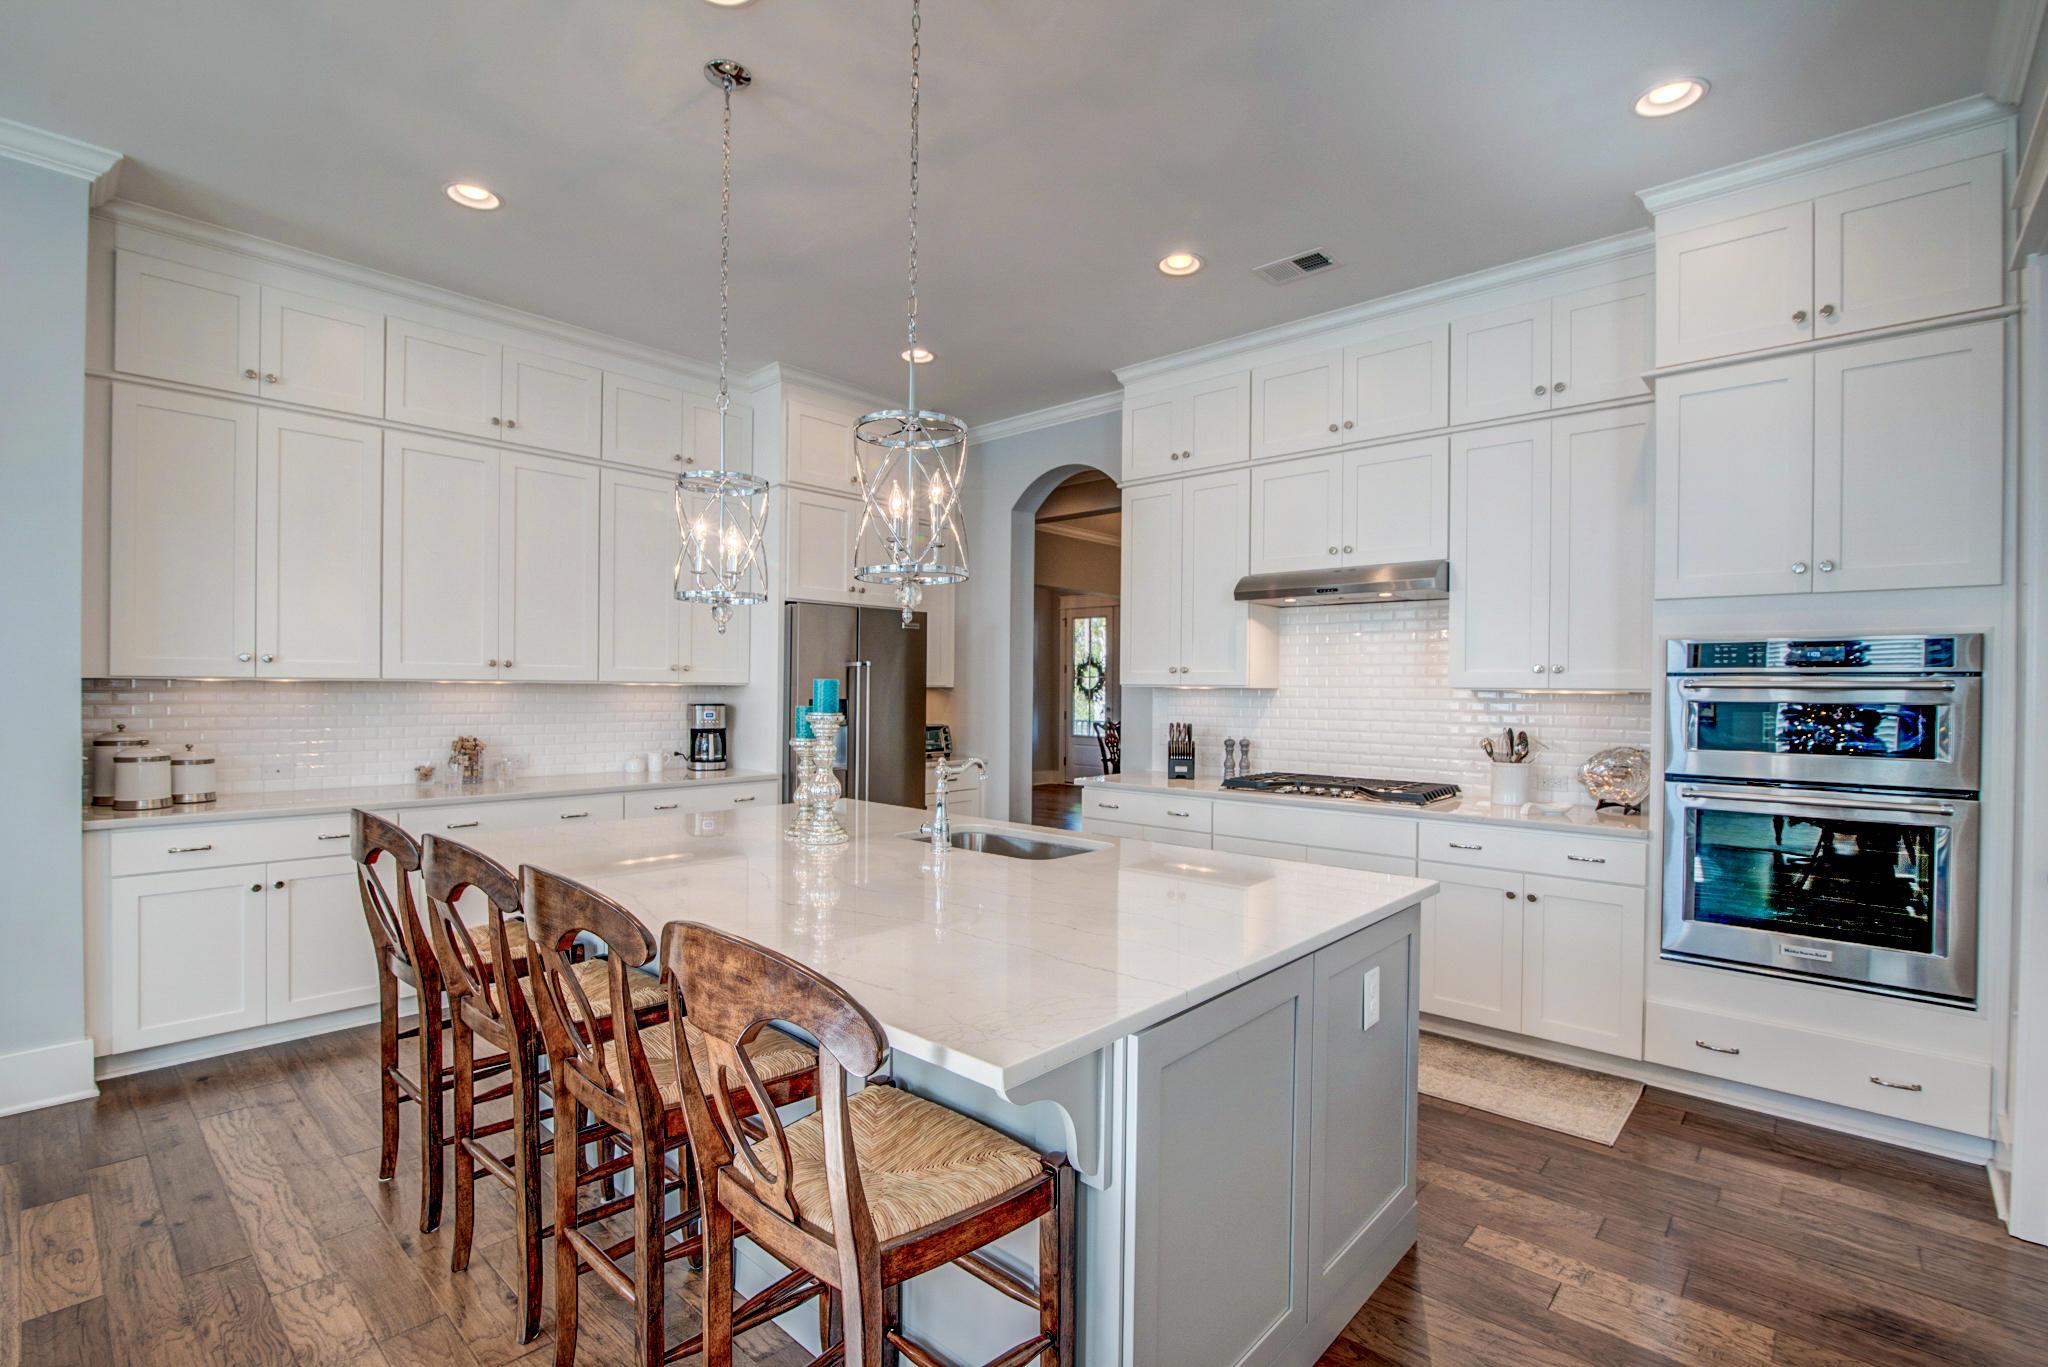 Dunes West Homes For Sale - 2883 River Vista, Mount Pleasant, SC - 47